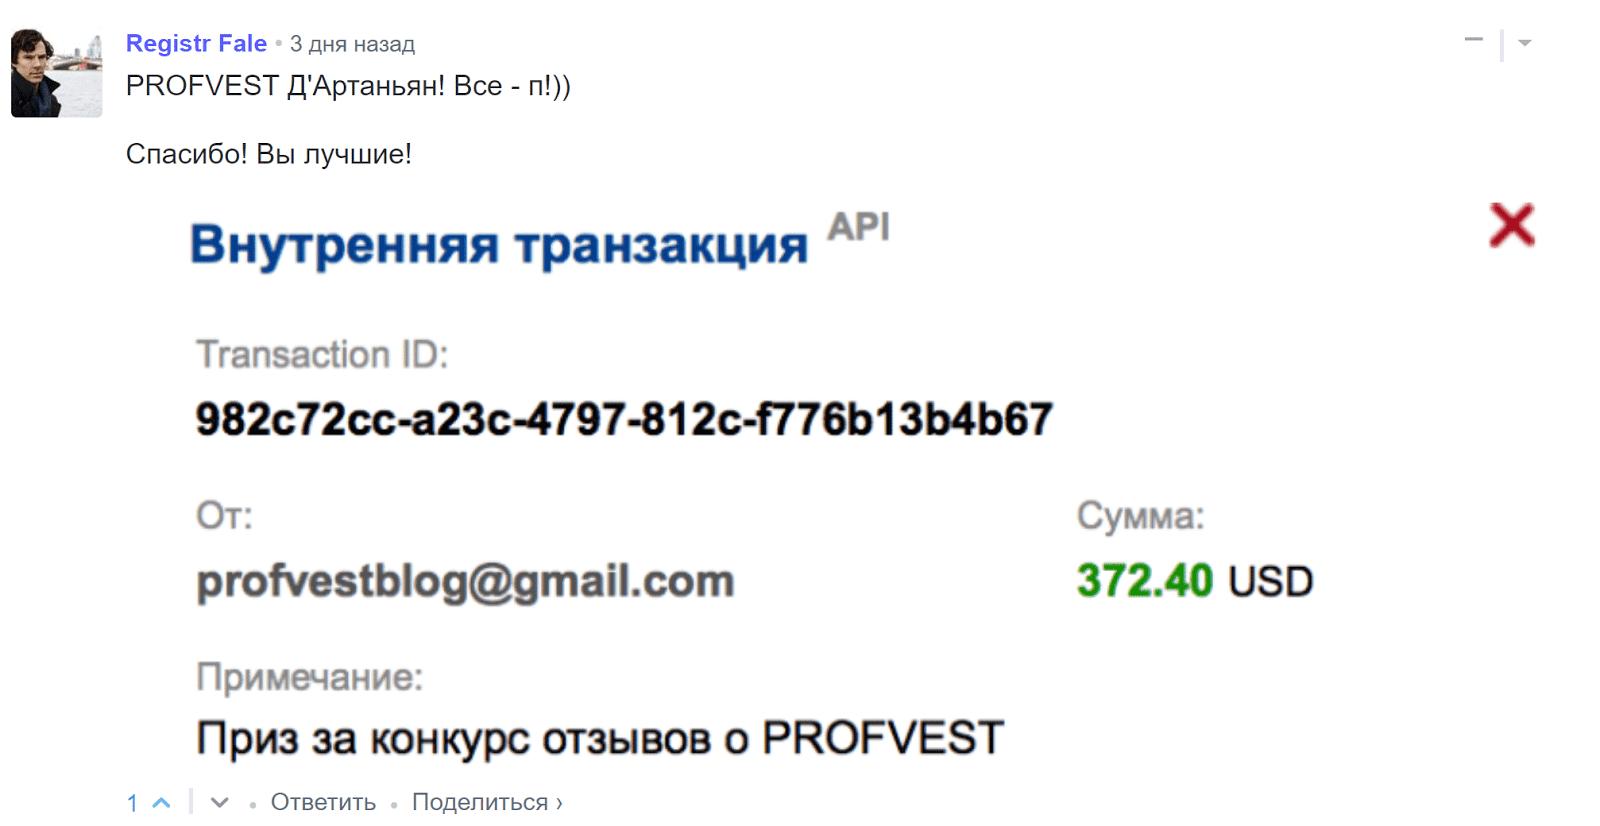 ТОПовый приз за конкурс отзывы о PROFVEST